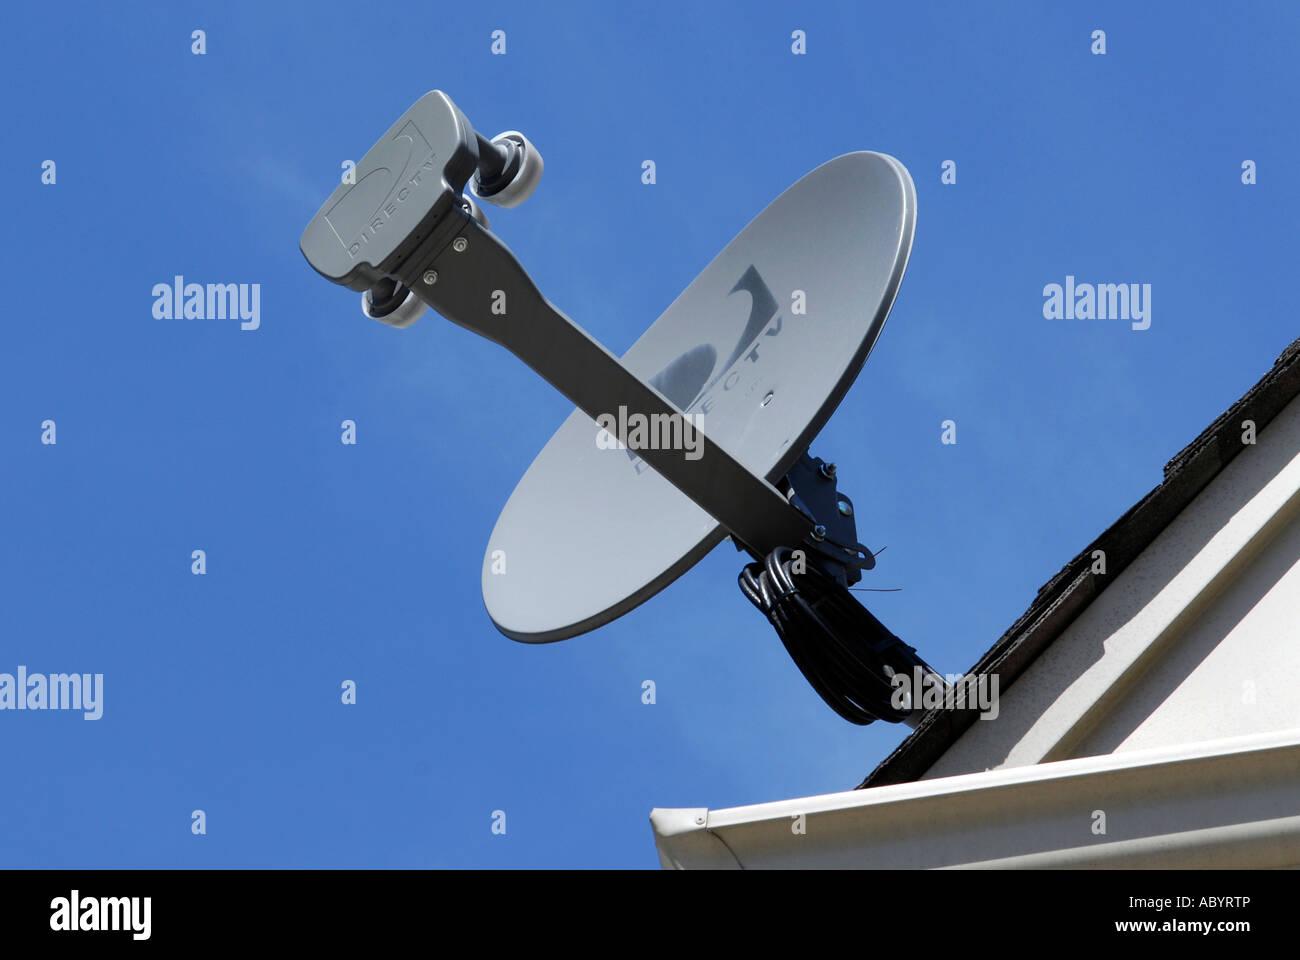 Direct Tv Satellite >> Direct Tv Satellite Dish Mounted Stock Photos Direct Tv